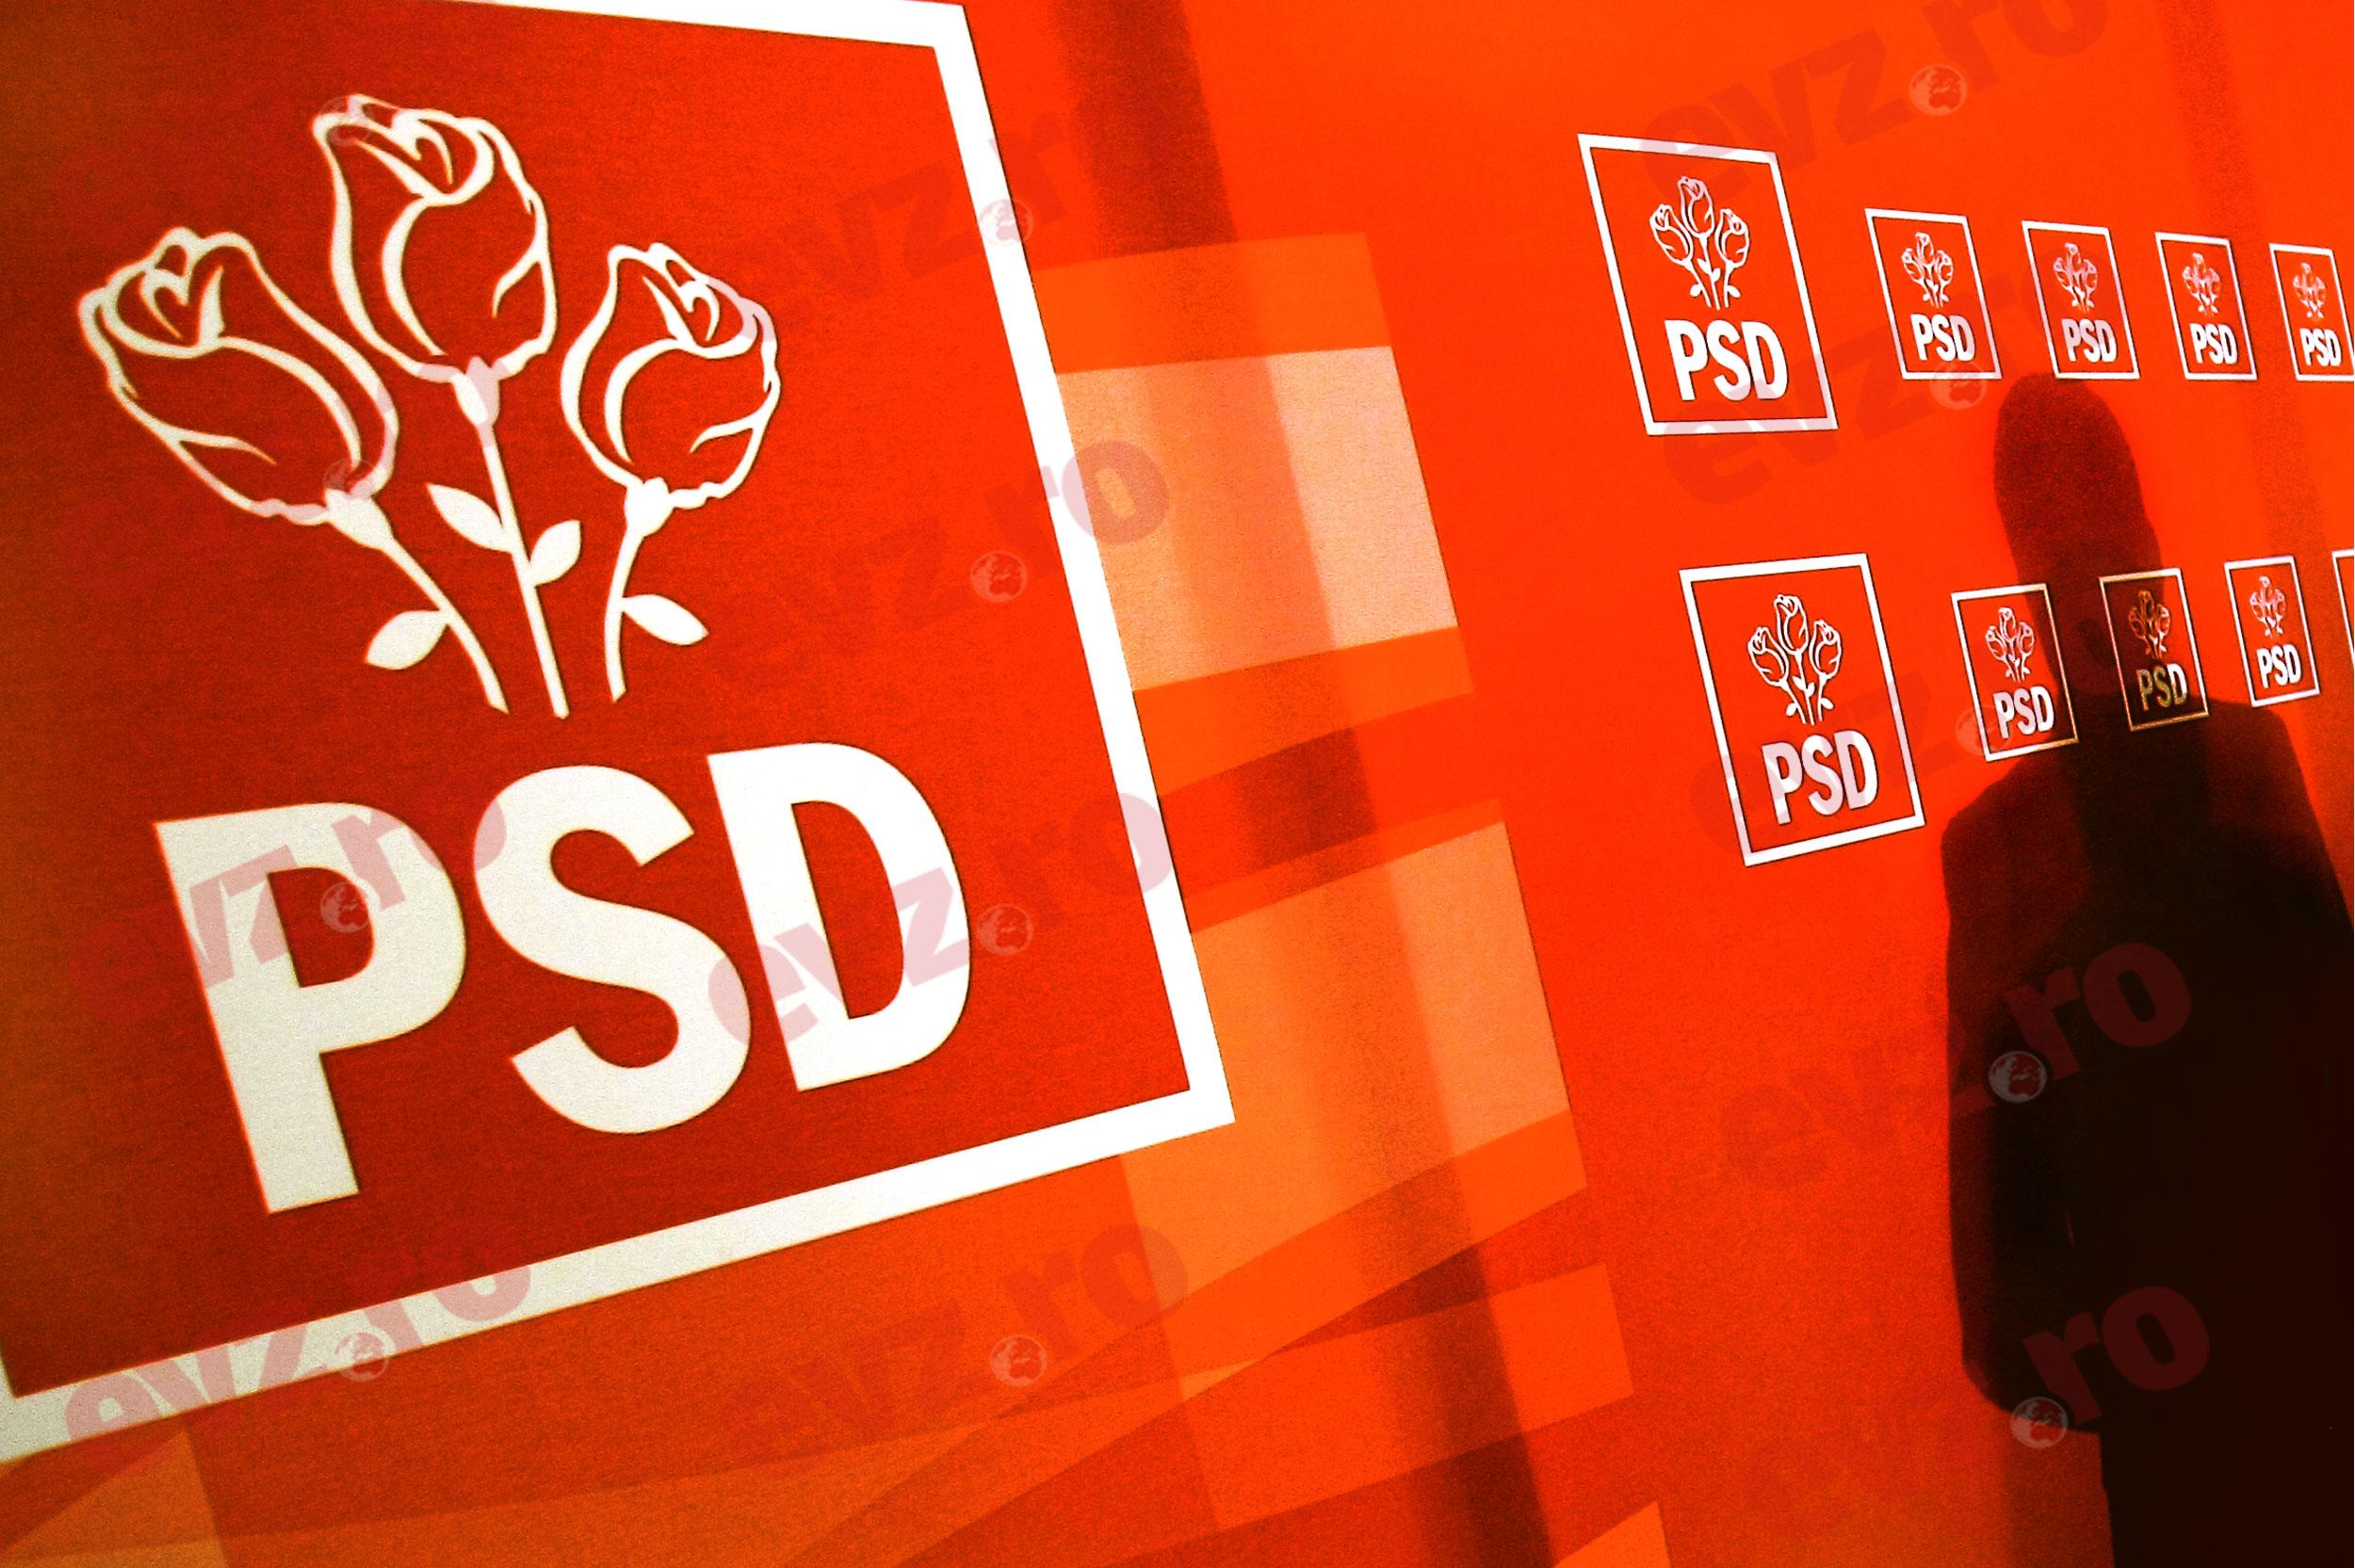 Delir pe internet! Politicianul PSD s-a făcut de râs în ultimul hal… Postare virală